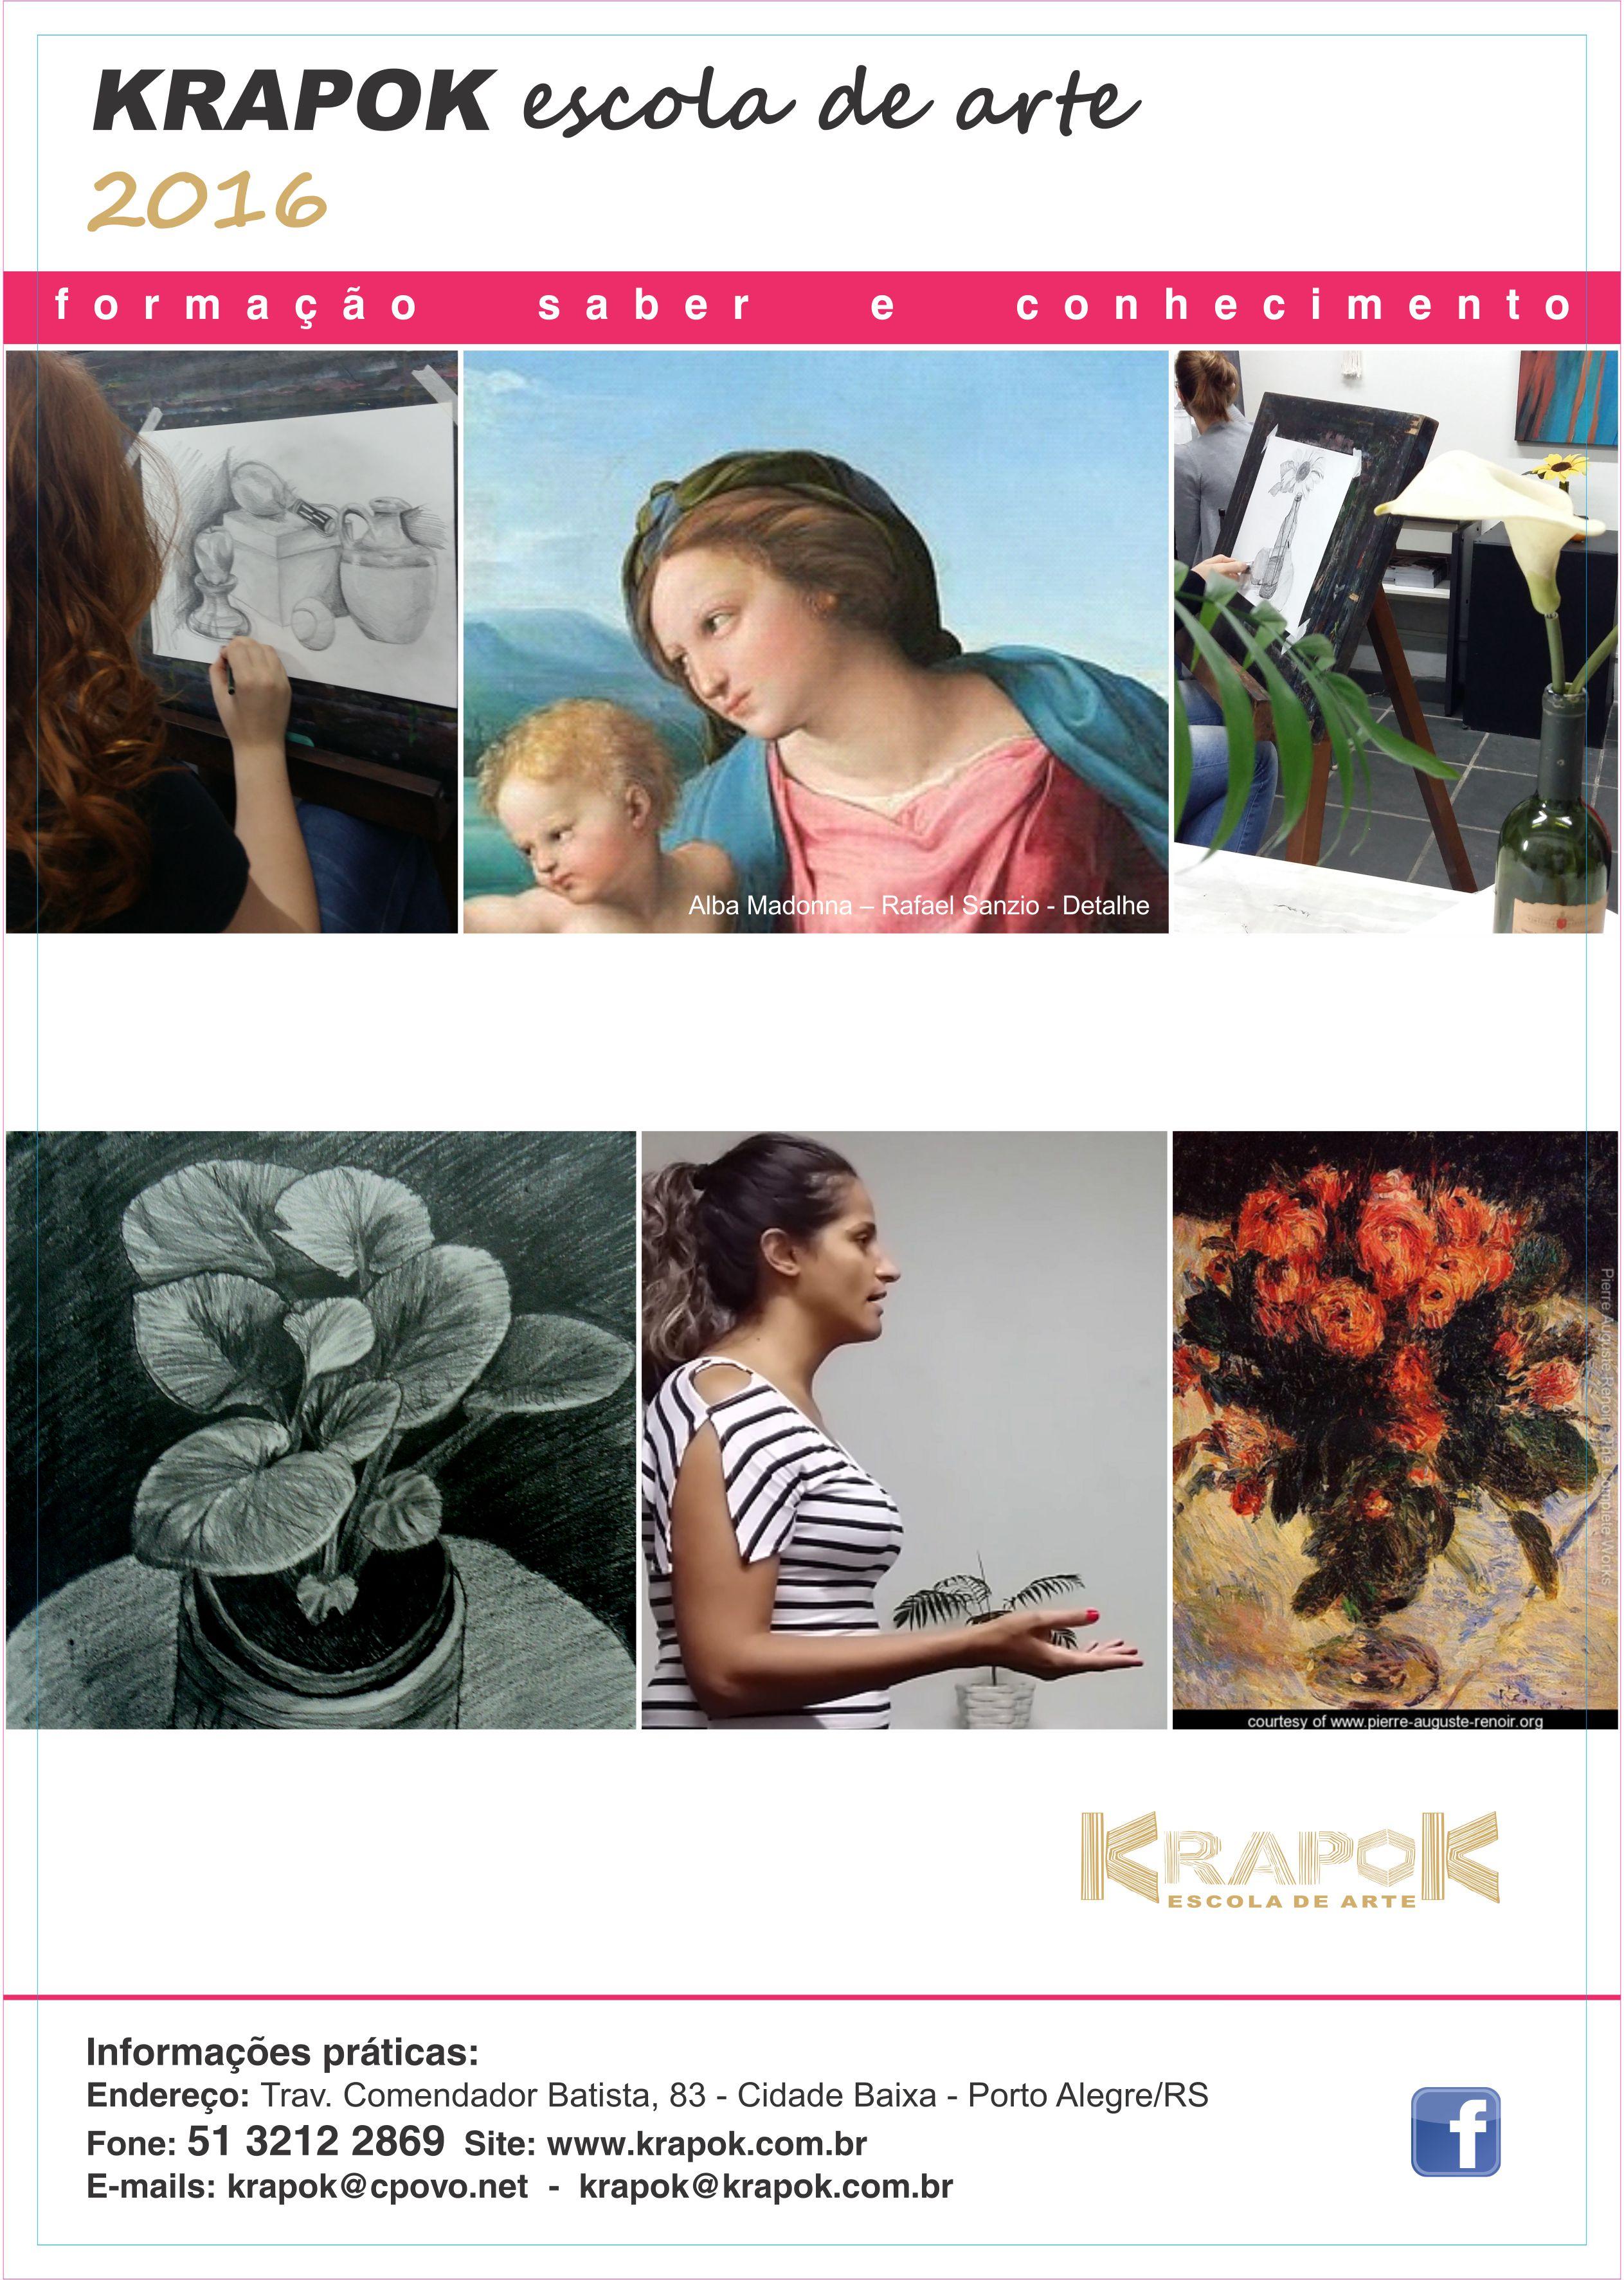 Cursos de Arte em Porto Alegre KRAPOK 2016